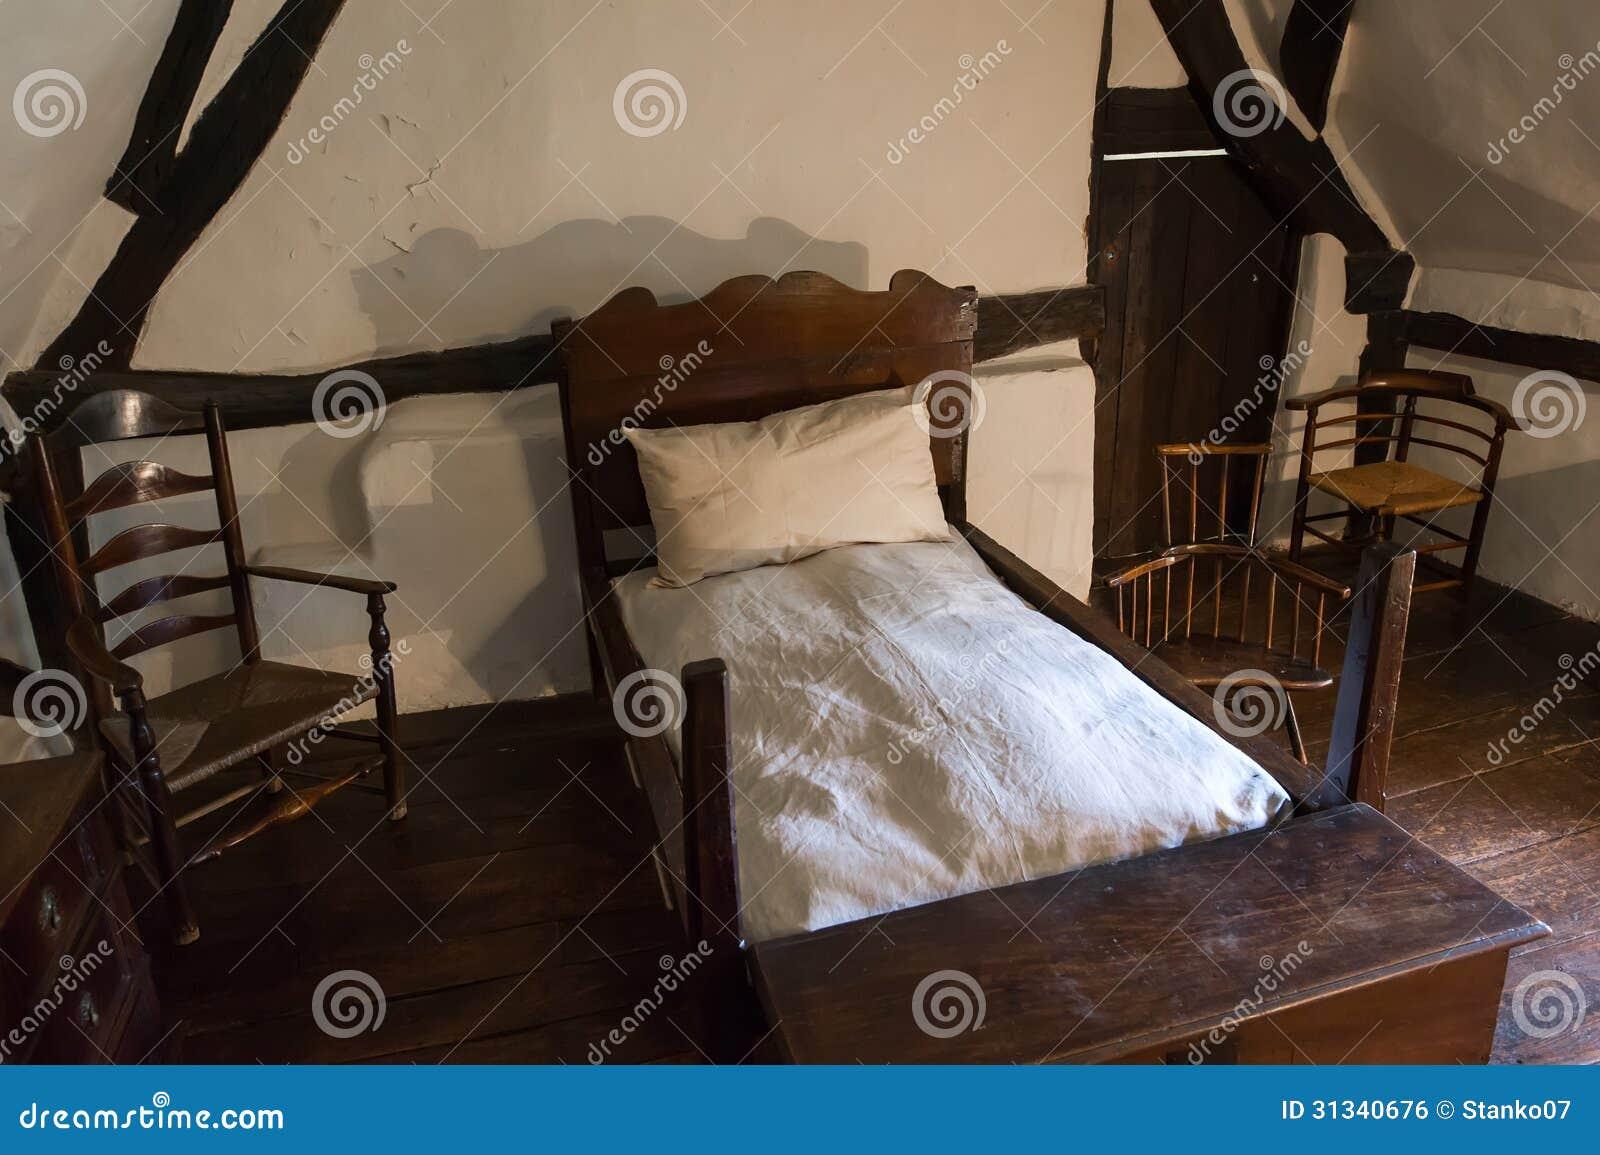 da letto disegno Camera Rustica : Interno di una camera da letto rustica medievale con il letto, il caso ...